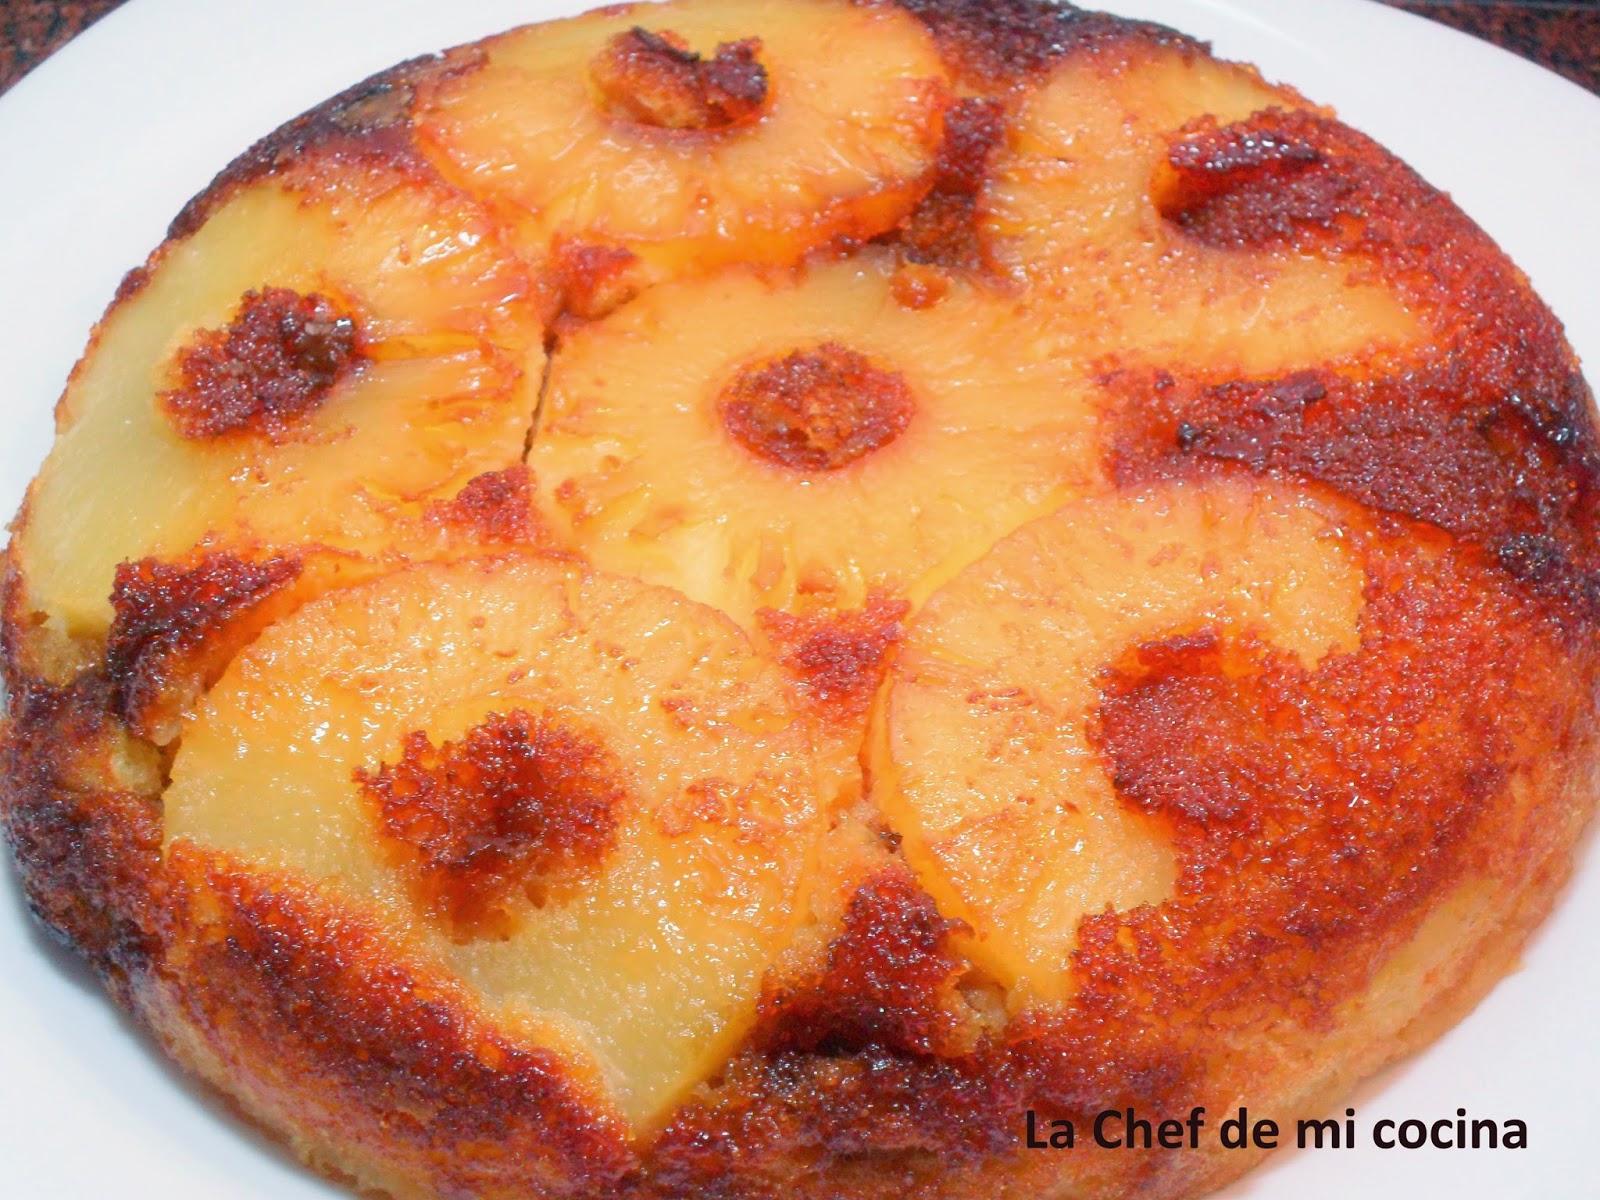 La chef de mi cocina bizcocho de pi a multicook pro de - Tefal multicook pro recetas ...